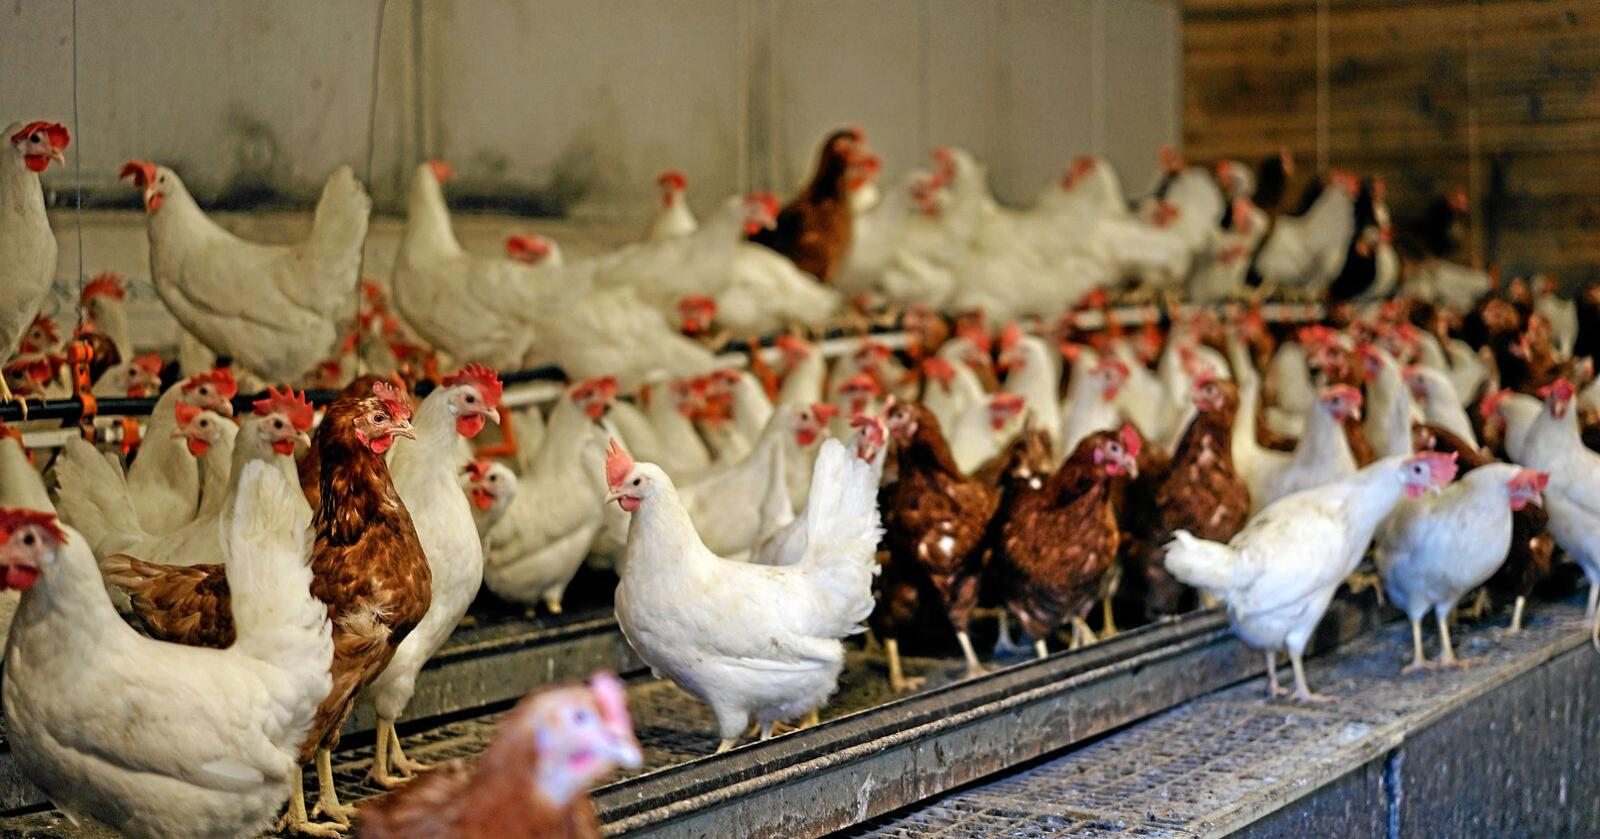 Husdyrtilskuddet for verpehøner øker med én krone per høne. Foto: Benjamin Hernes Vogl